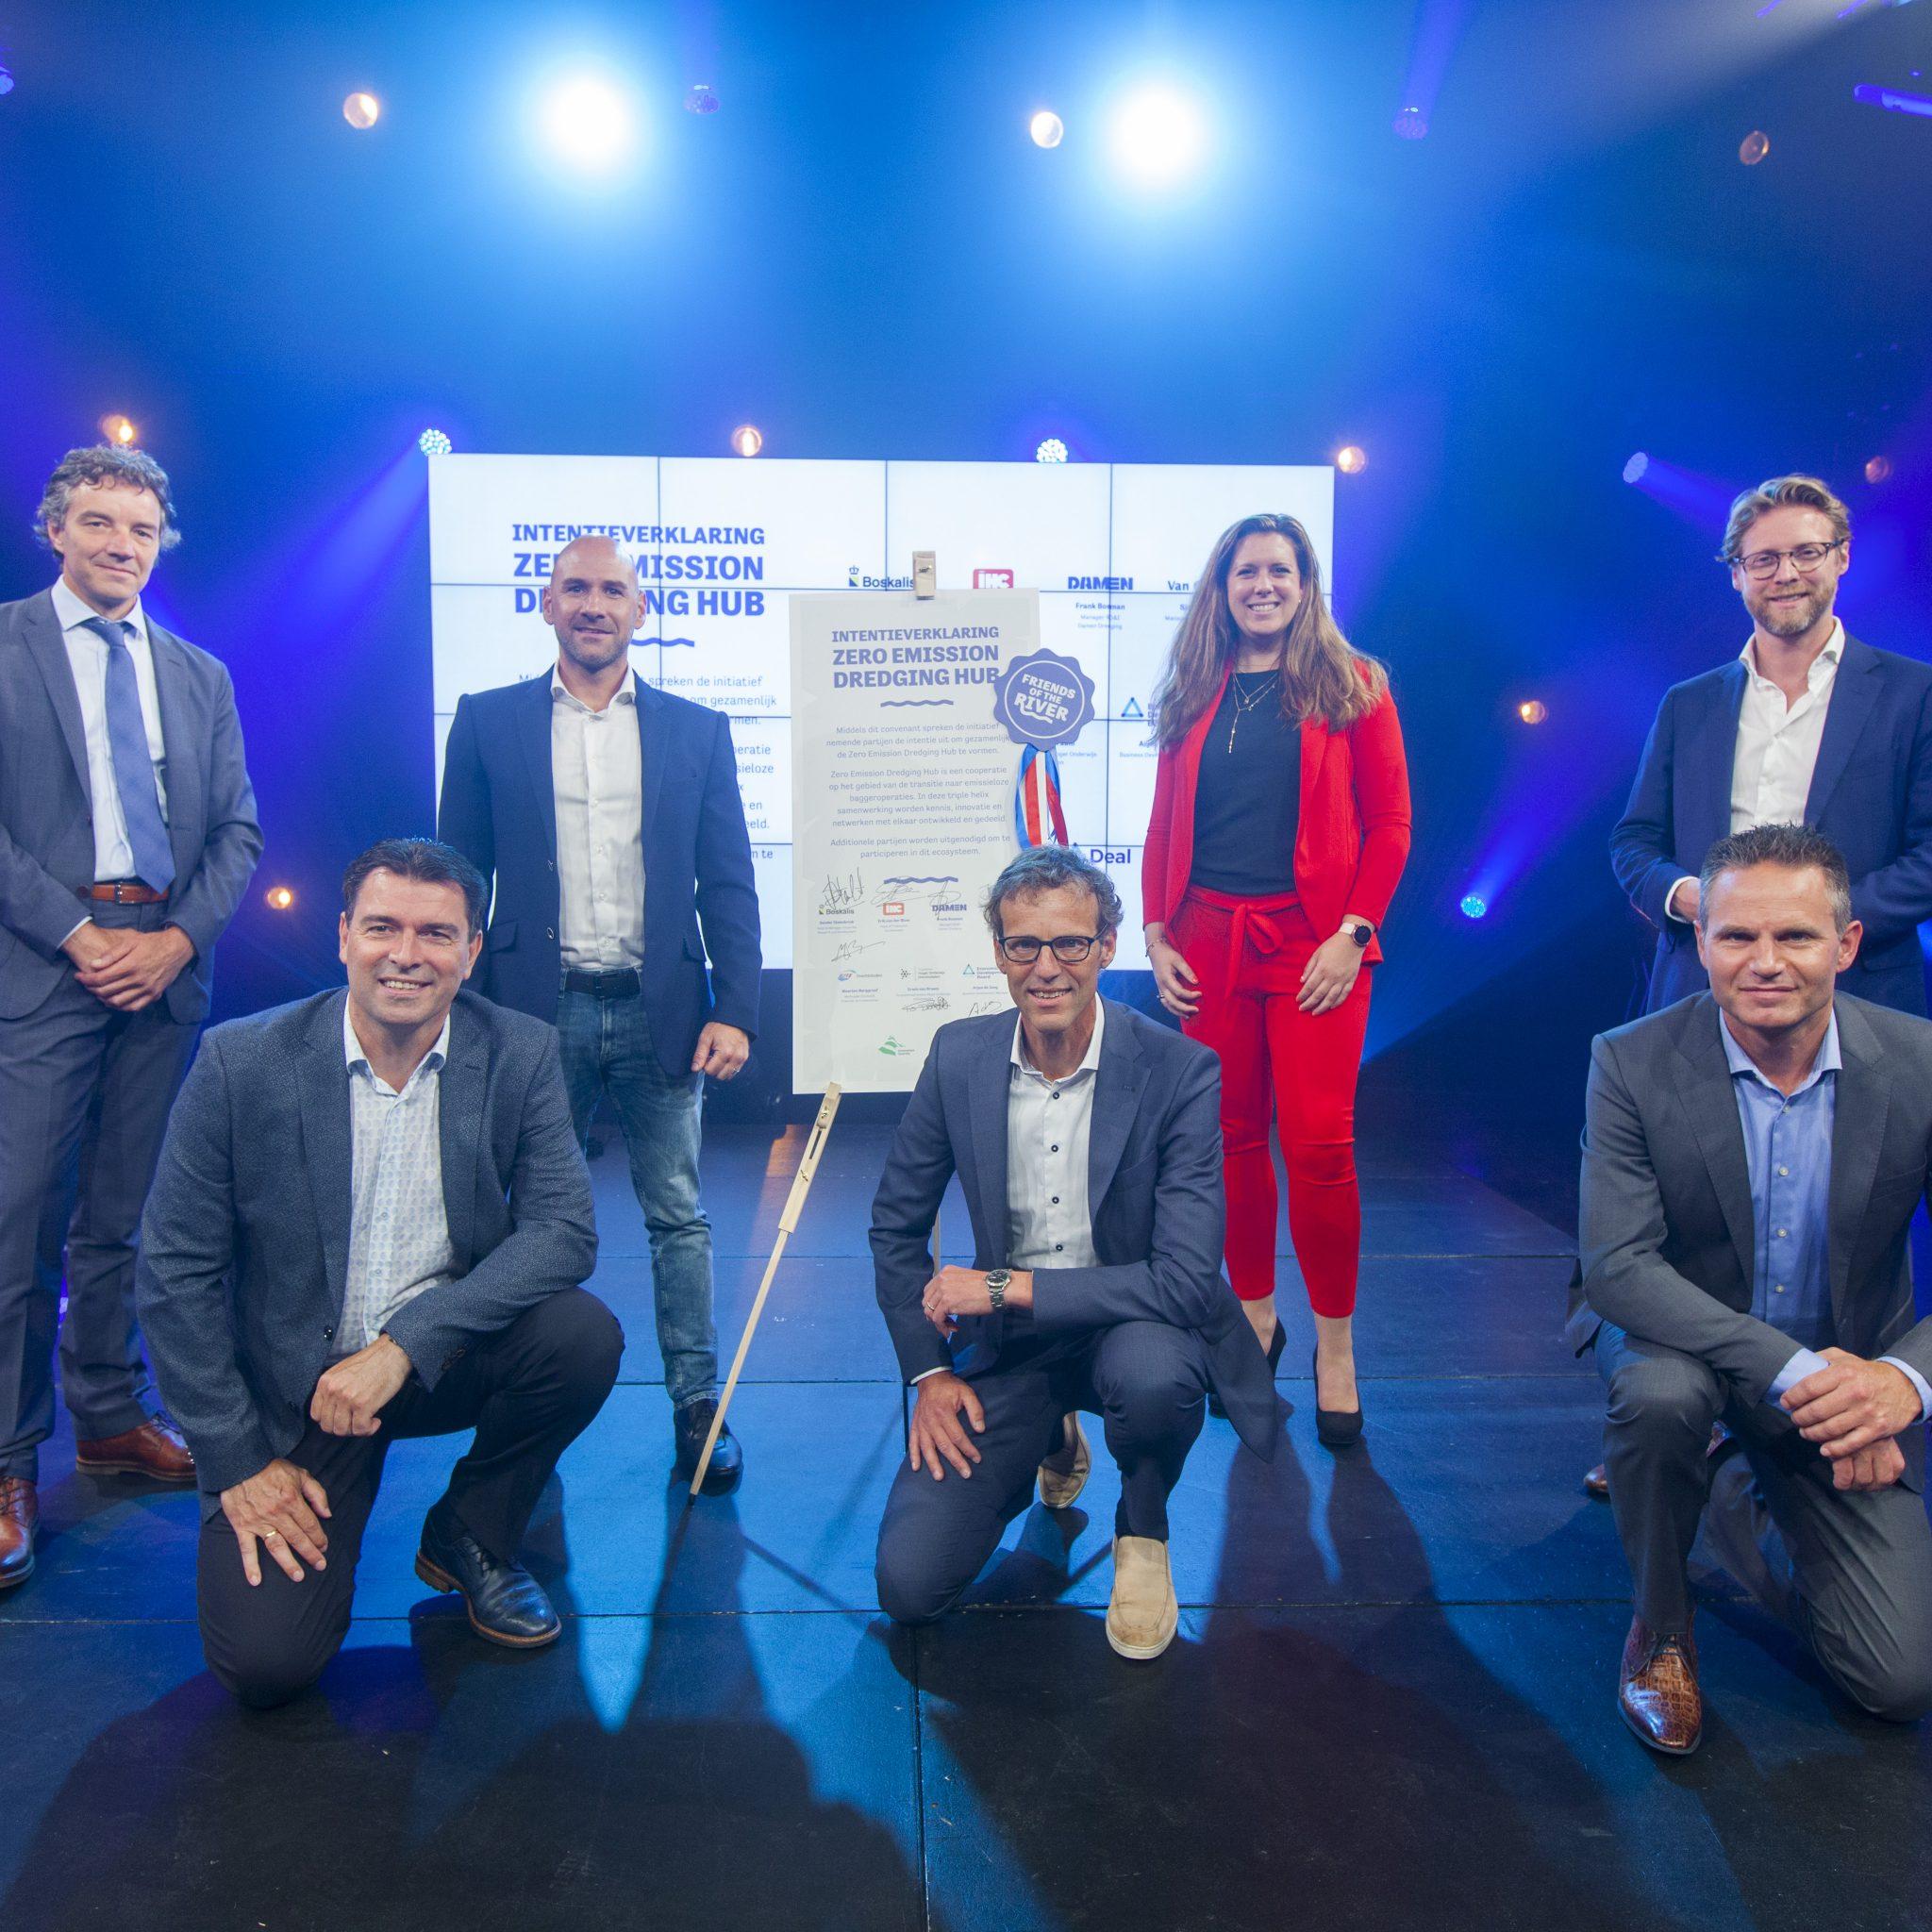 v.l.n.r.: Frans Bosman (Damen), Sjon Kranendonk (Van Oord), Arjen de Jong (Economic Development Board Drechtsteden), Sander Steenbrink (Boskalis), Daniëlle Stolk (Programma Hoger Onderwijs Drechtsteden), Erik van der Blom (Royal IHC) en Maarten Burggraaf (Dordrecht/Drechtsteden). (Foto DealDrechtCities)